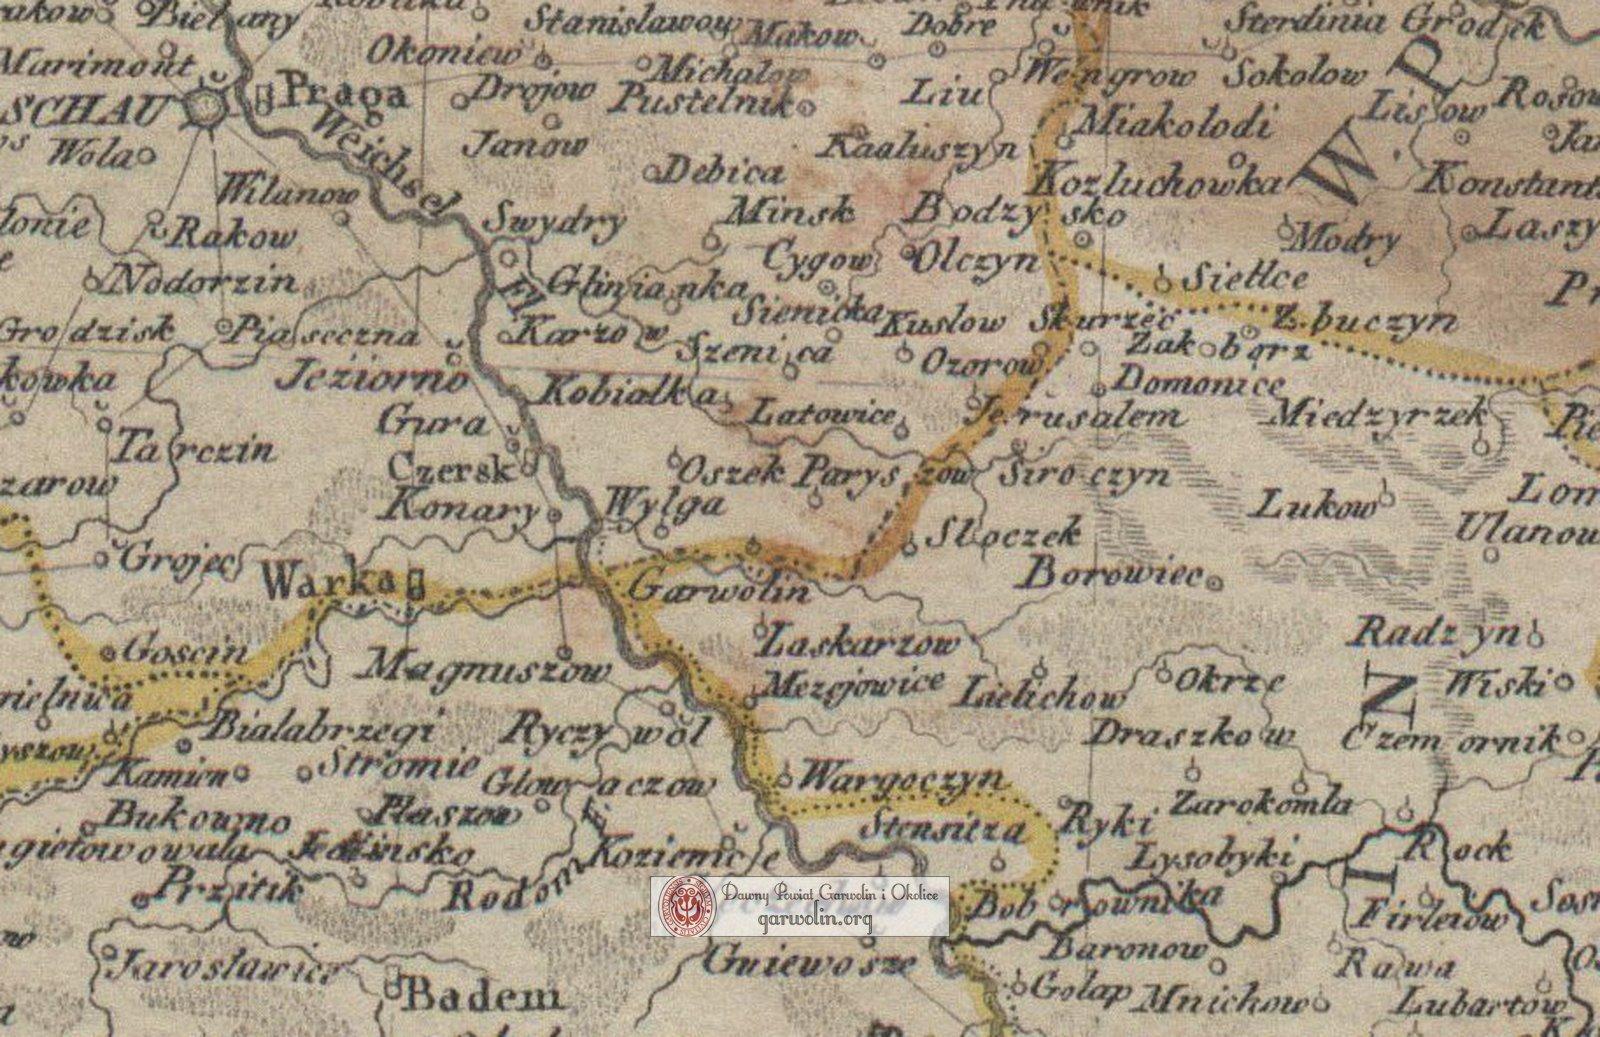 Powiat garwoliński na mapie z 1793 r.